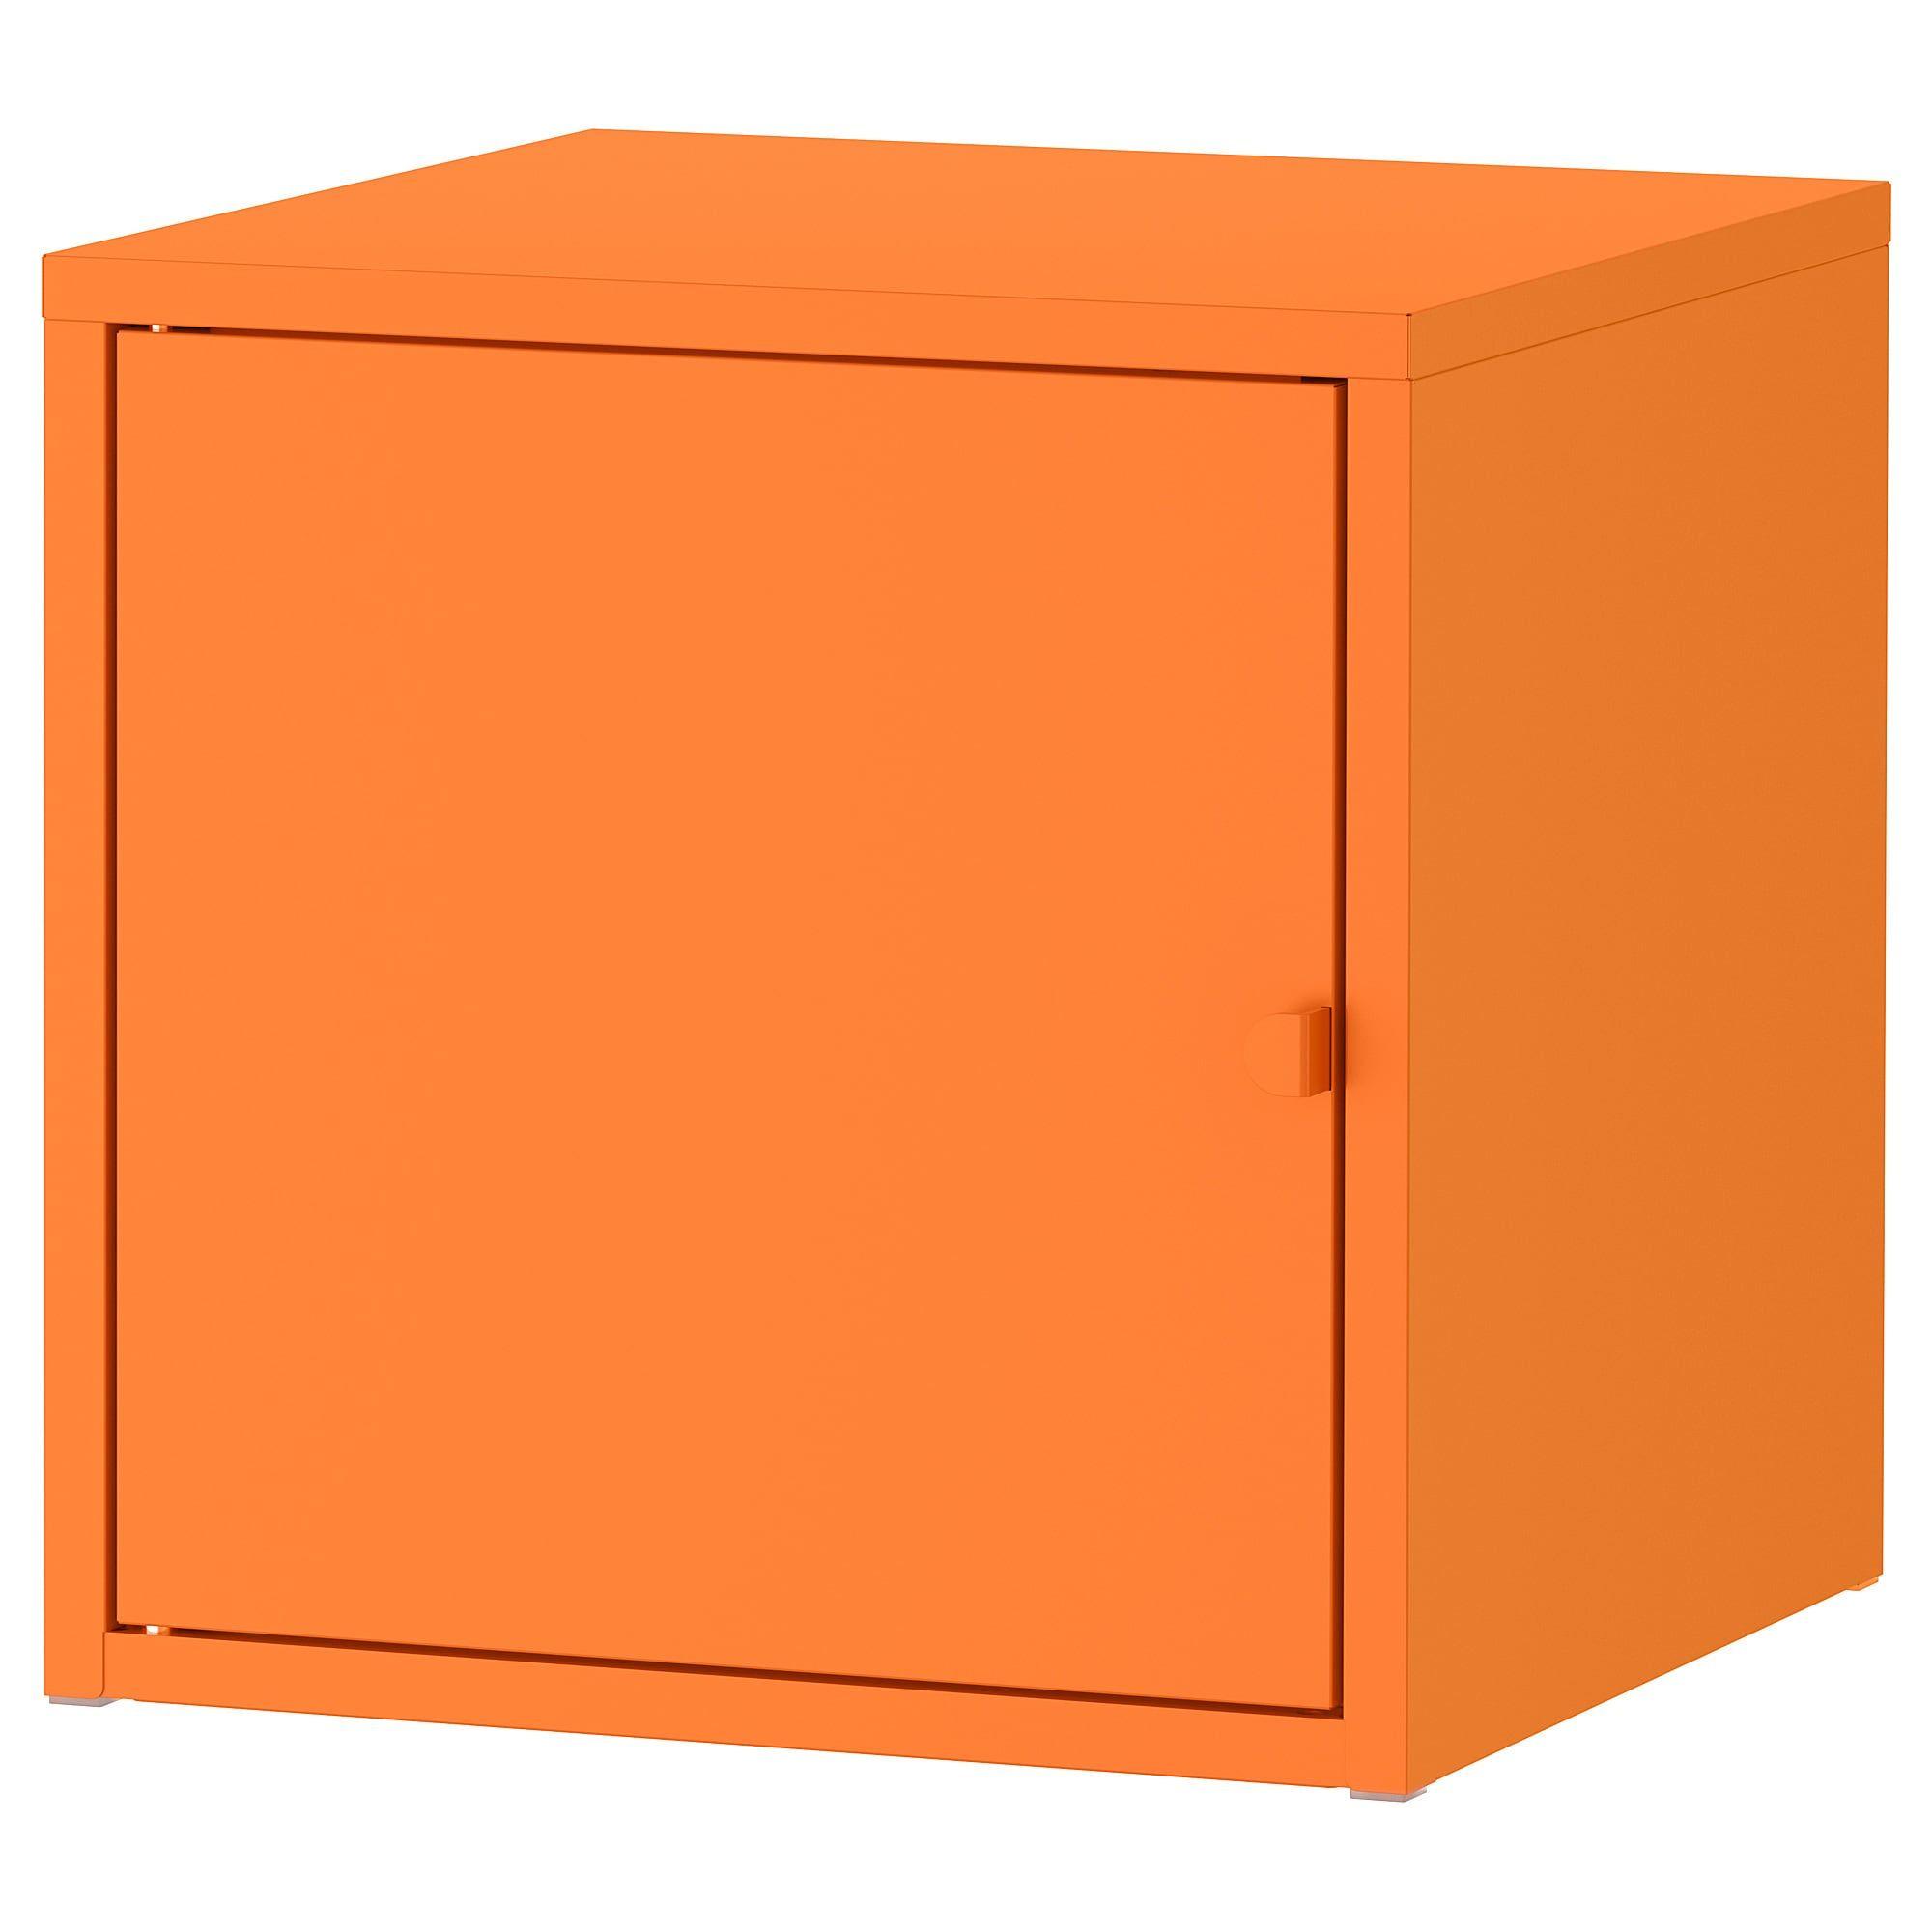 Lixhult Schrank Metall Orange Ikea Osterreich Speicherideen